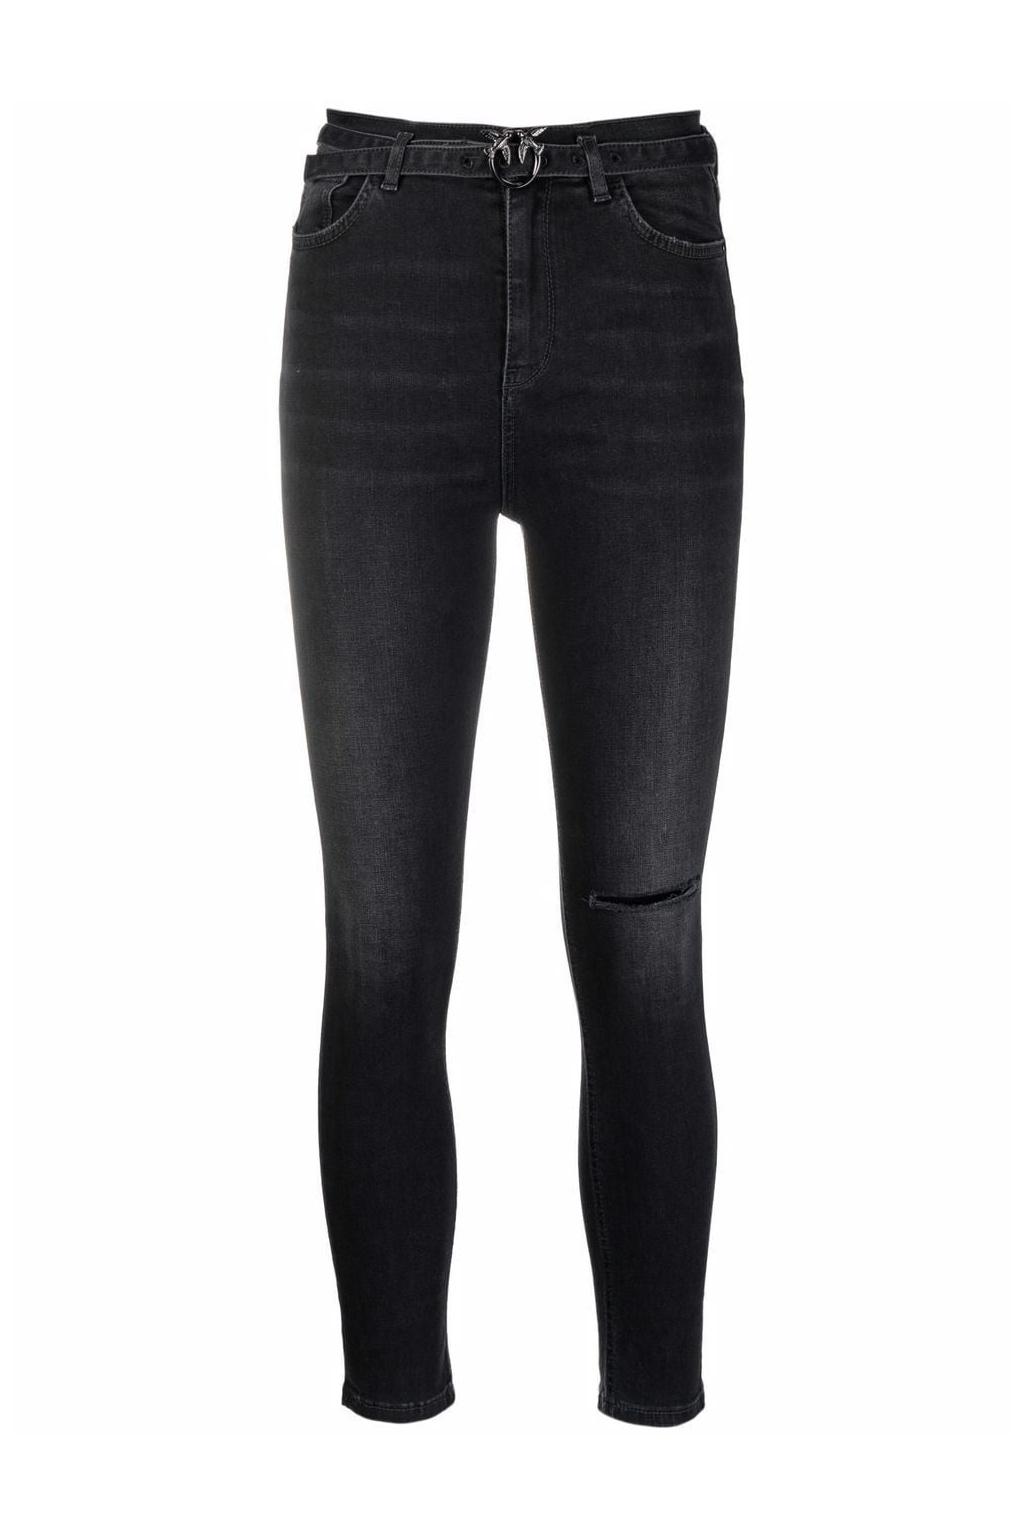 Dámské džíny Pinko Susan 17 černé